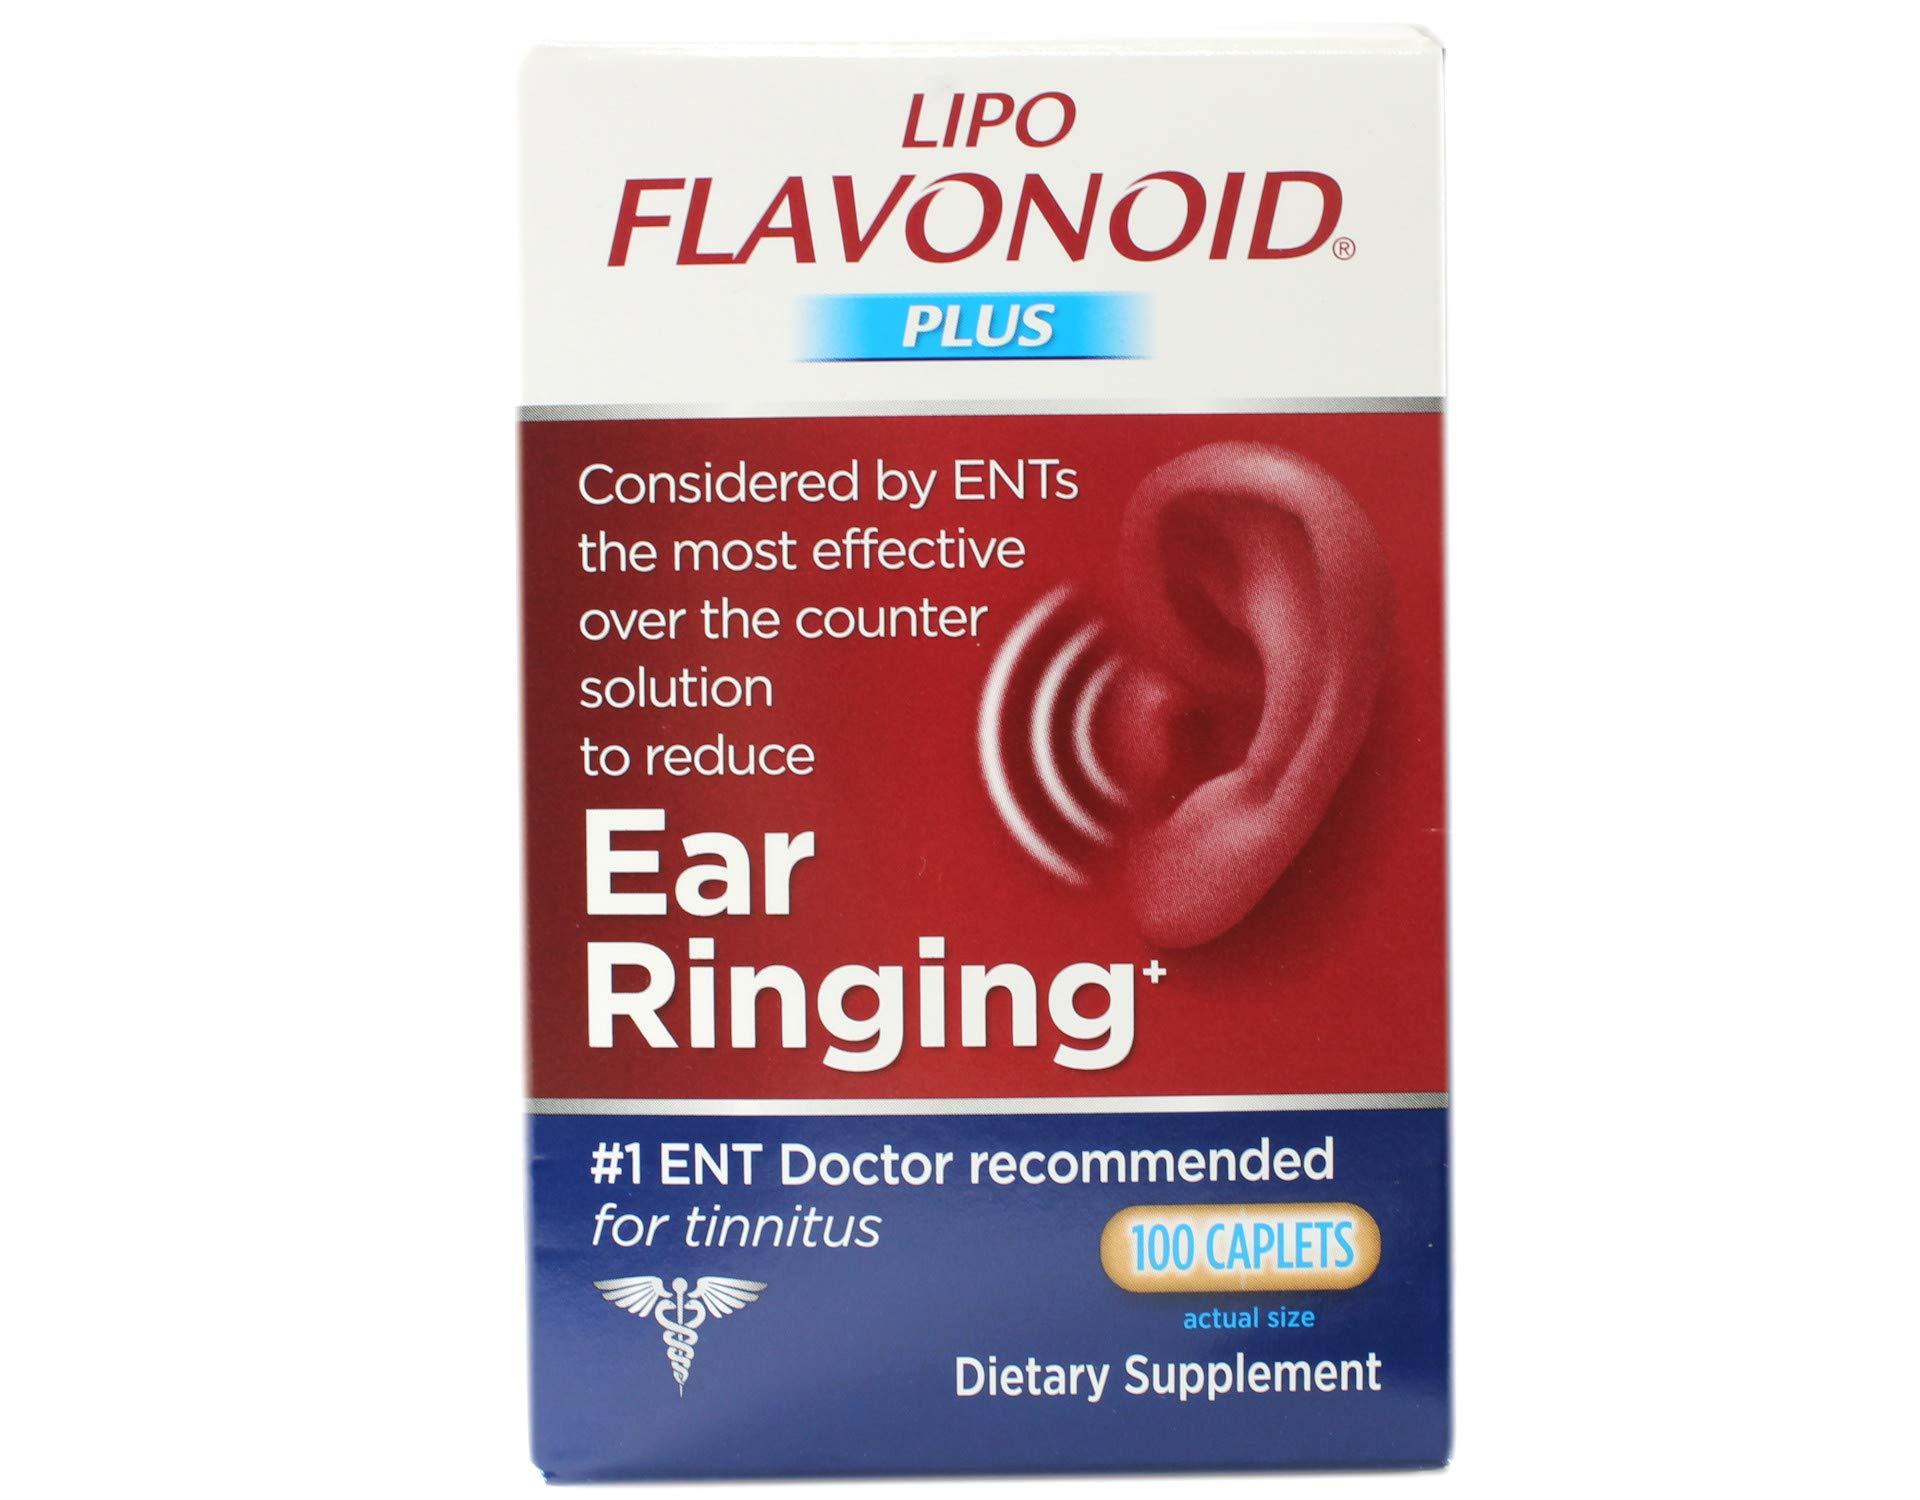 DSE Healthcare Solutions - LipoFlavonoid Plus Extra Strength Unique Ear Health Formula - 100 Caplets